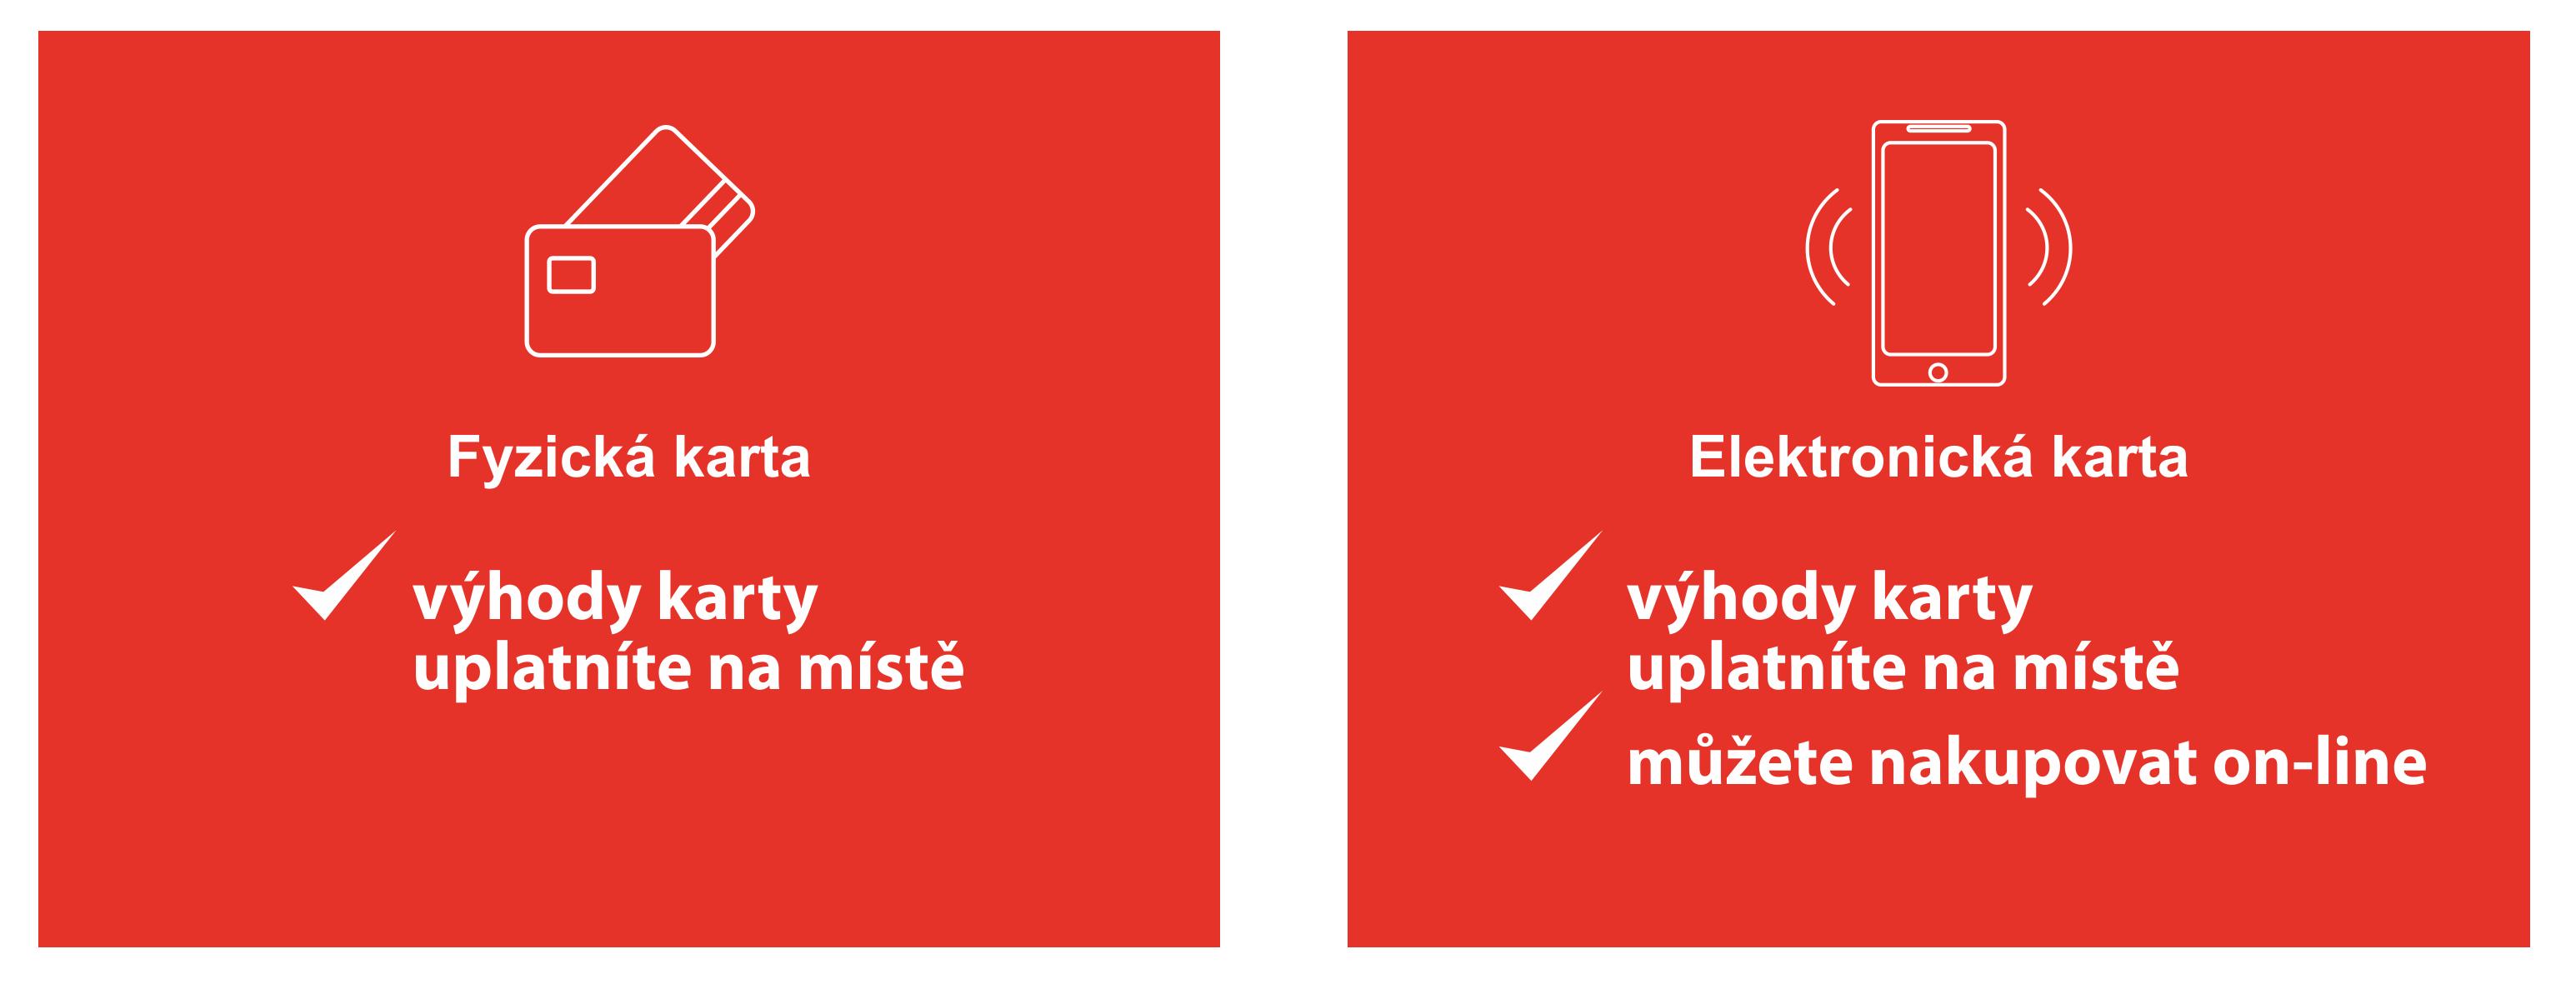 Typy Turistických karet Opavské Slezsko ajejich funkce